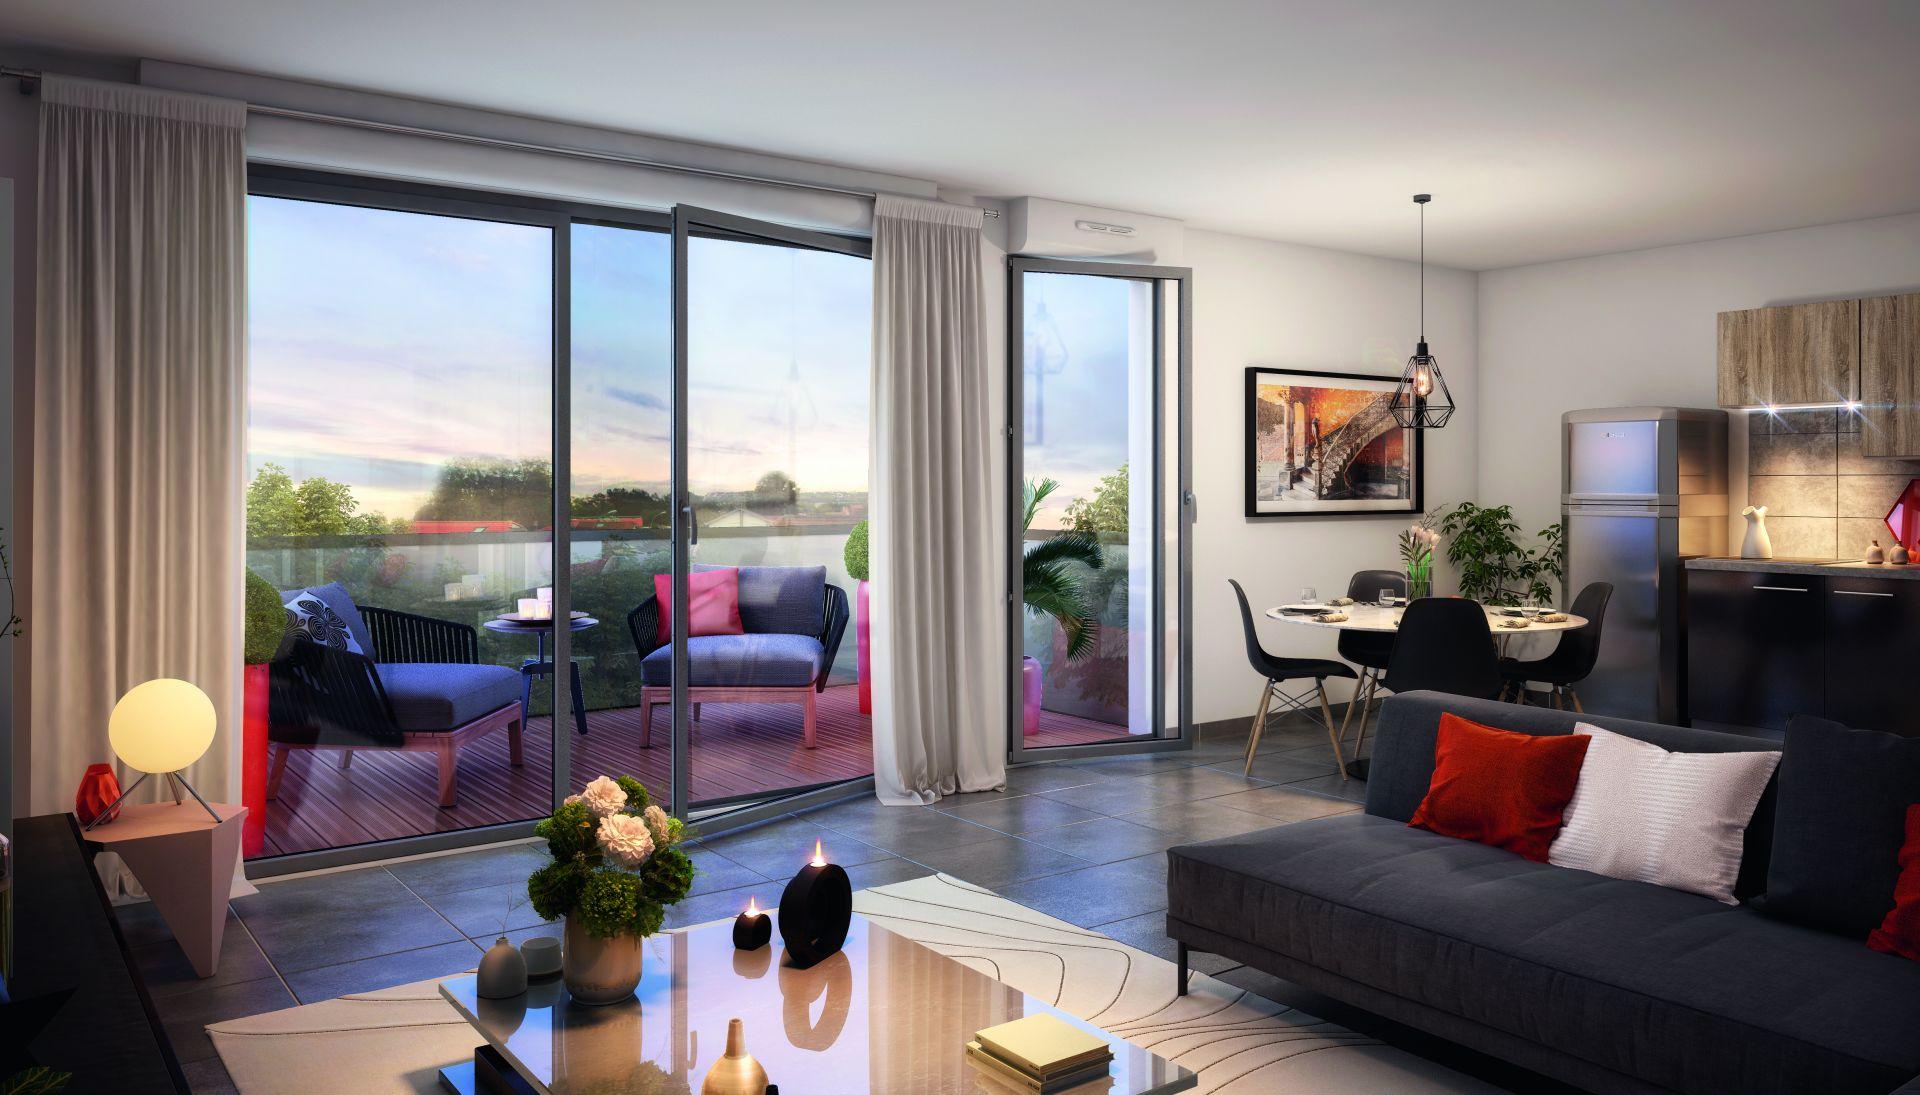 louer vide ou meubl que choisir pour une meilleure rentabilit agestis immobilier. Black Bedroom Furniture Sets. Home Design Ideas